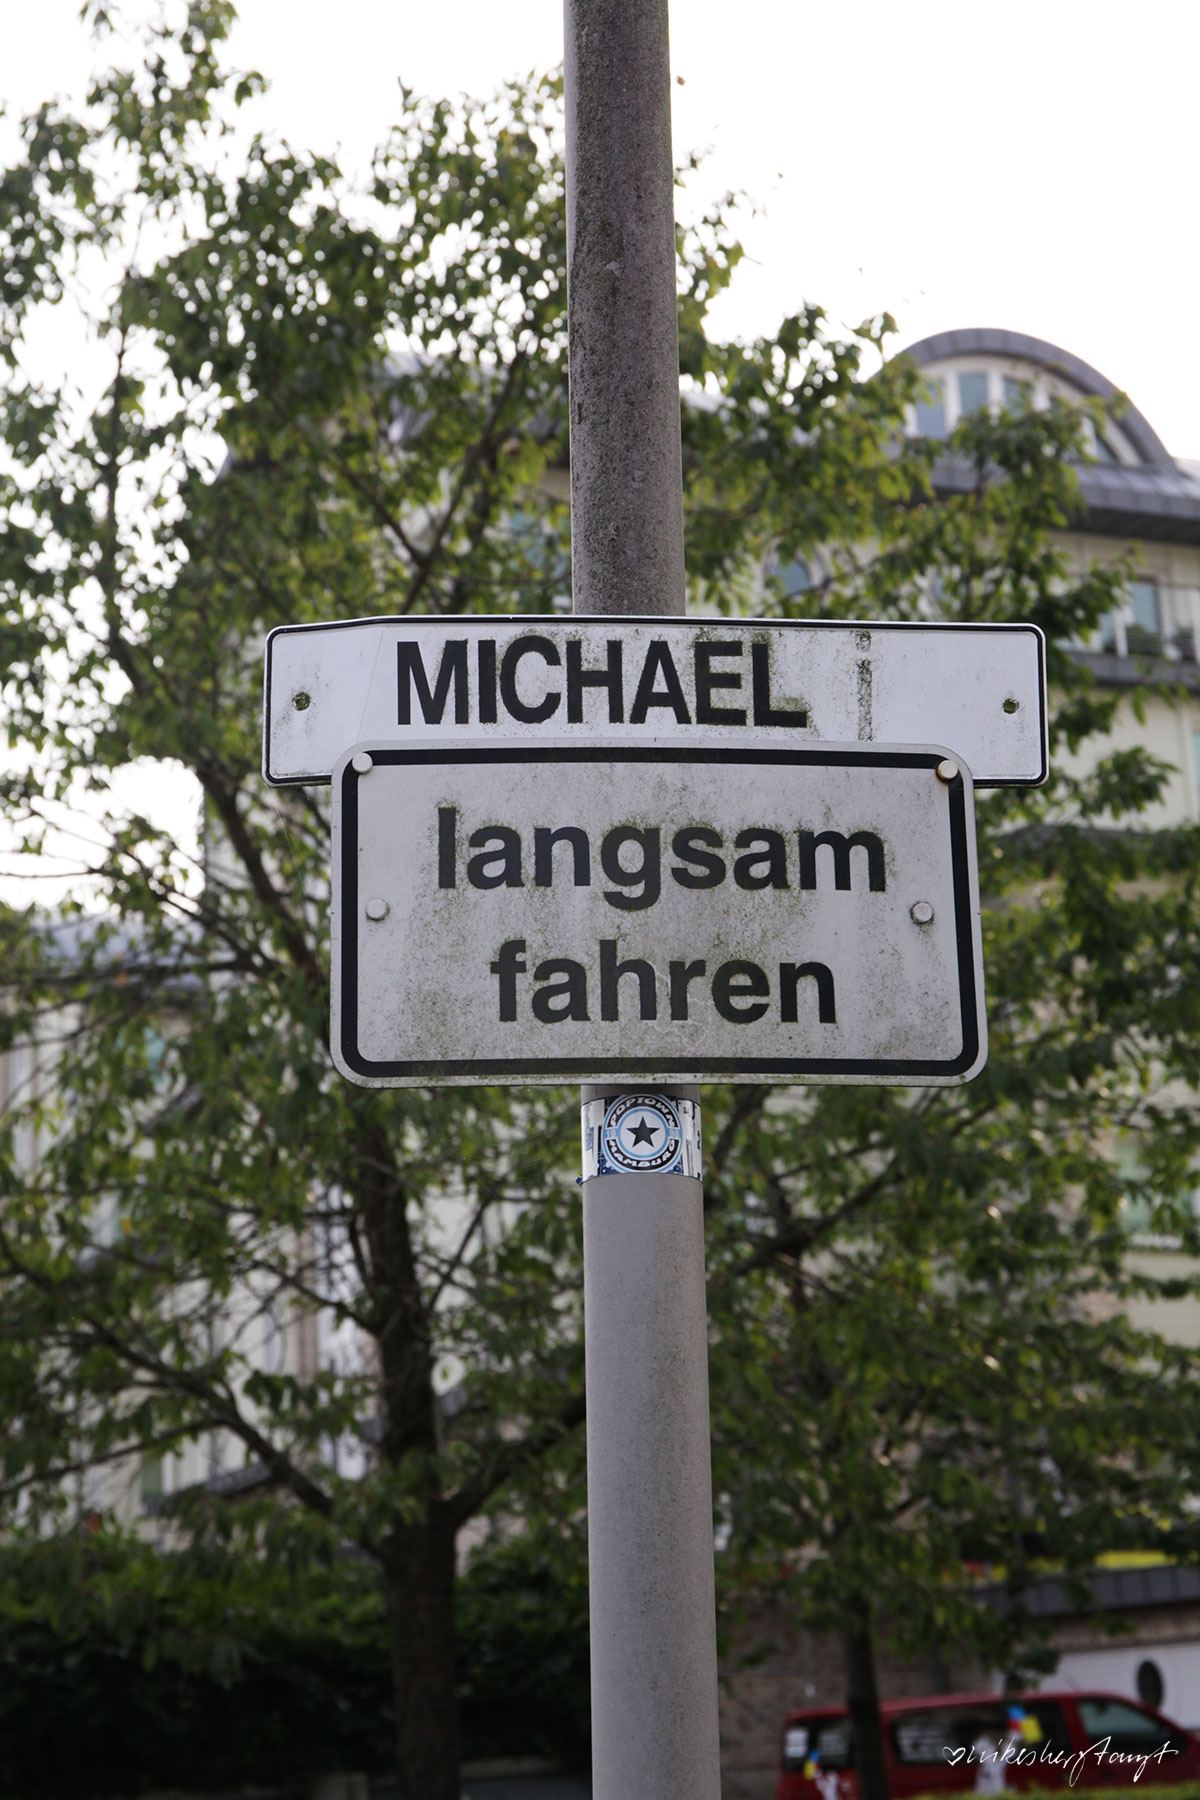 flensburg, schleswig-holstein, urlaub in deutschland, norddeutschland, tipps, #nikeunterwegs, travel, wanderlust, reislust, blog, nikesherztanzt